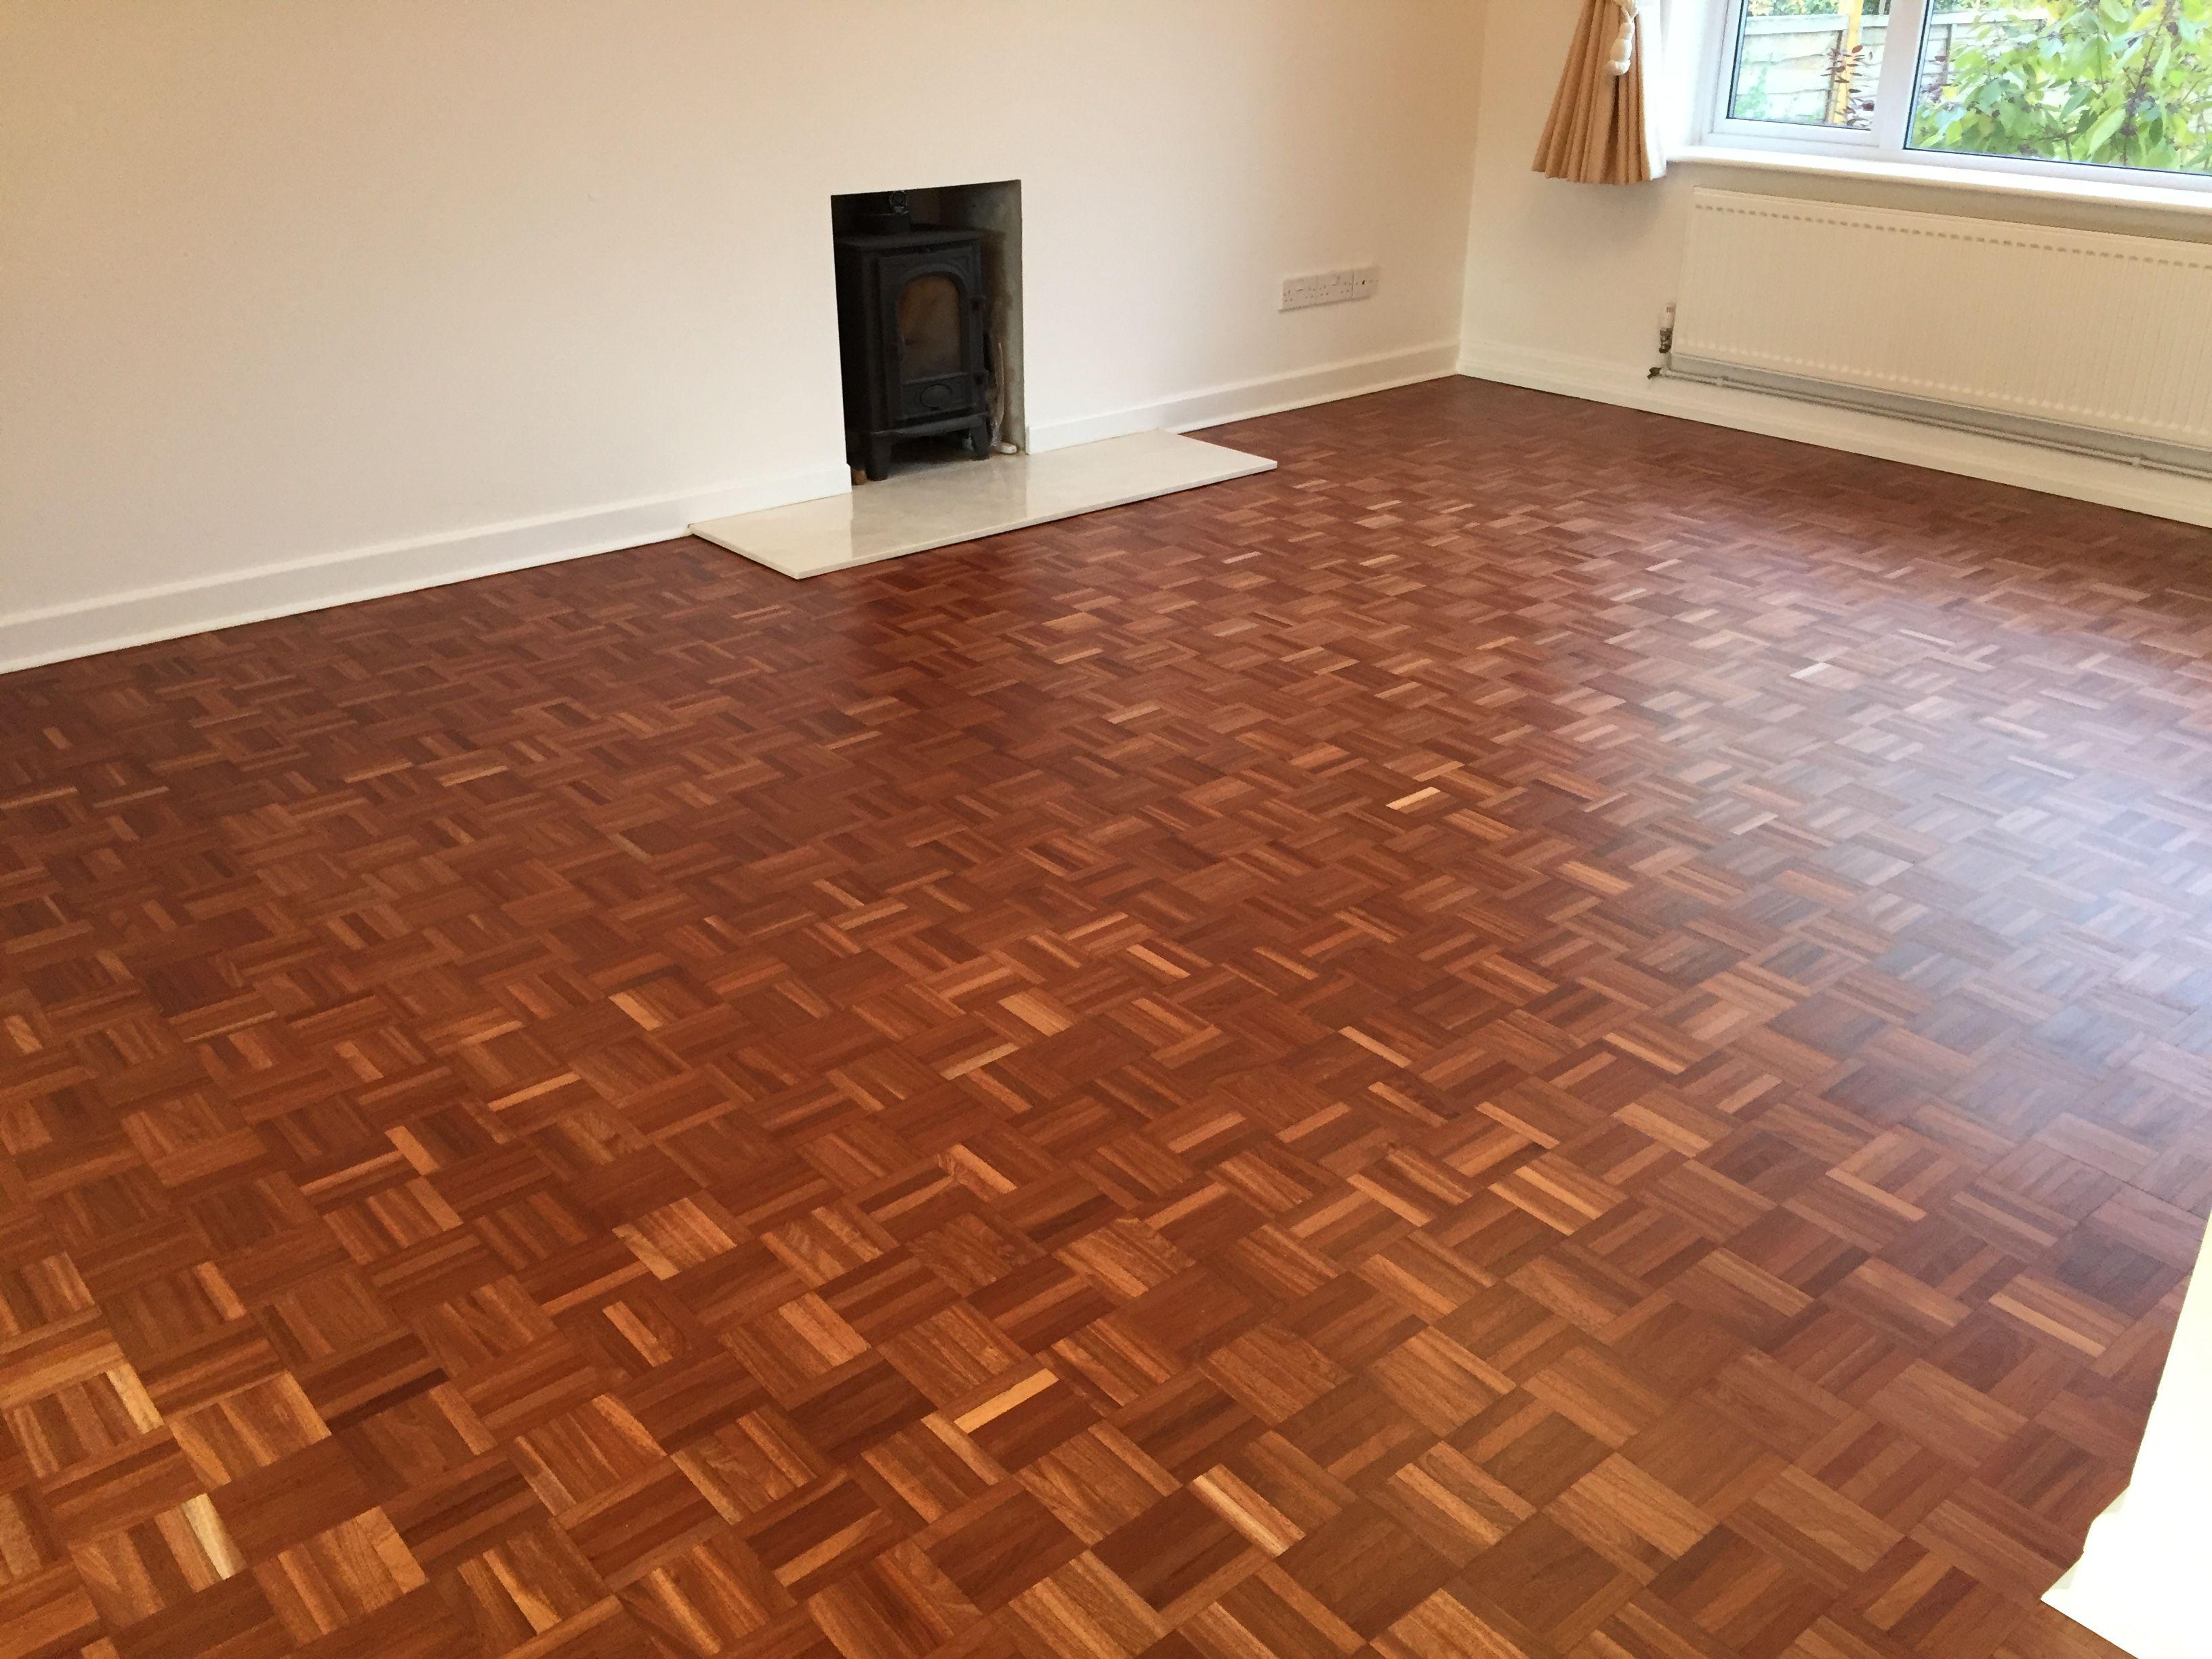 Mosaic Parquet Restored Parquet Mosaic Woodfloors Wood Parquet Flooring Flooring Oak Parquet Flooring